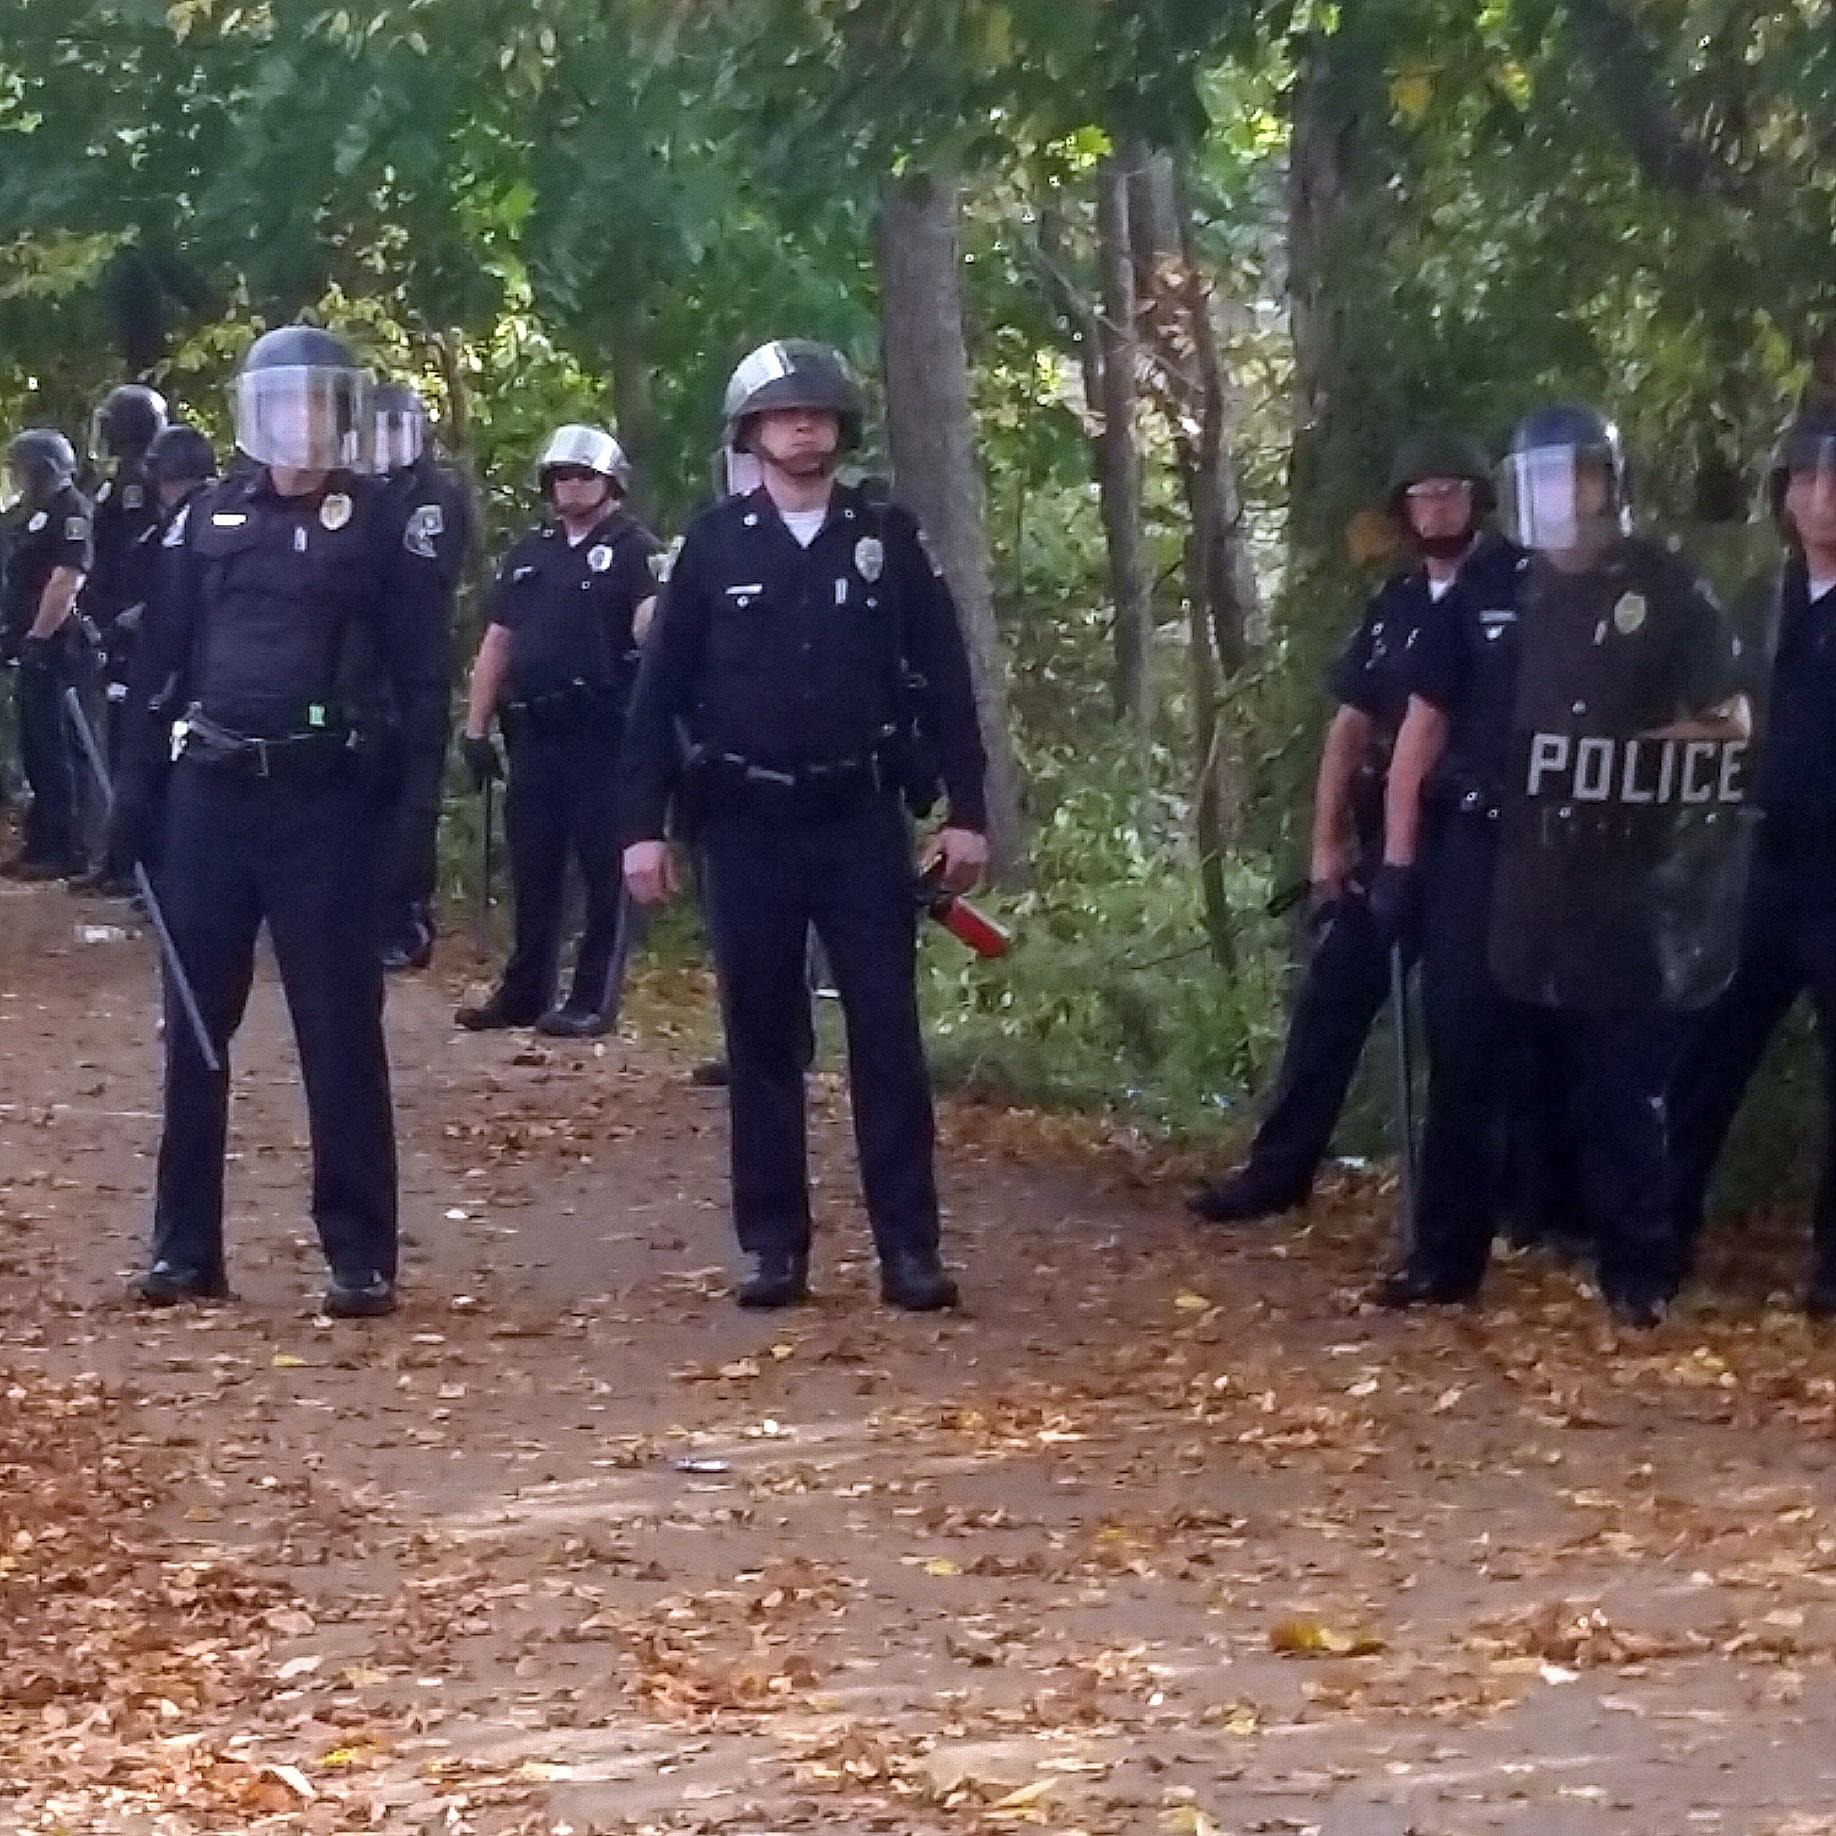 Major cleanup after 'riot,' dozens of arrests at pumpkin festival